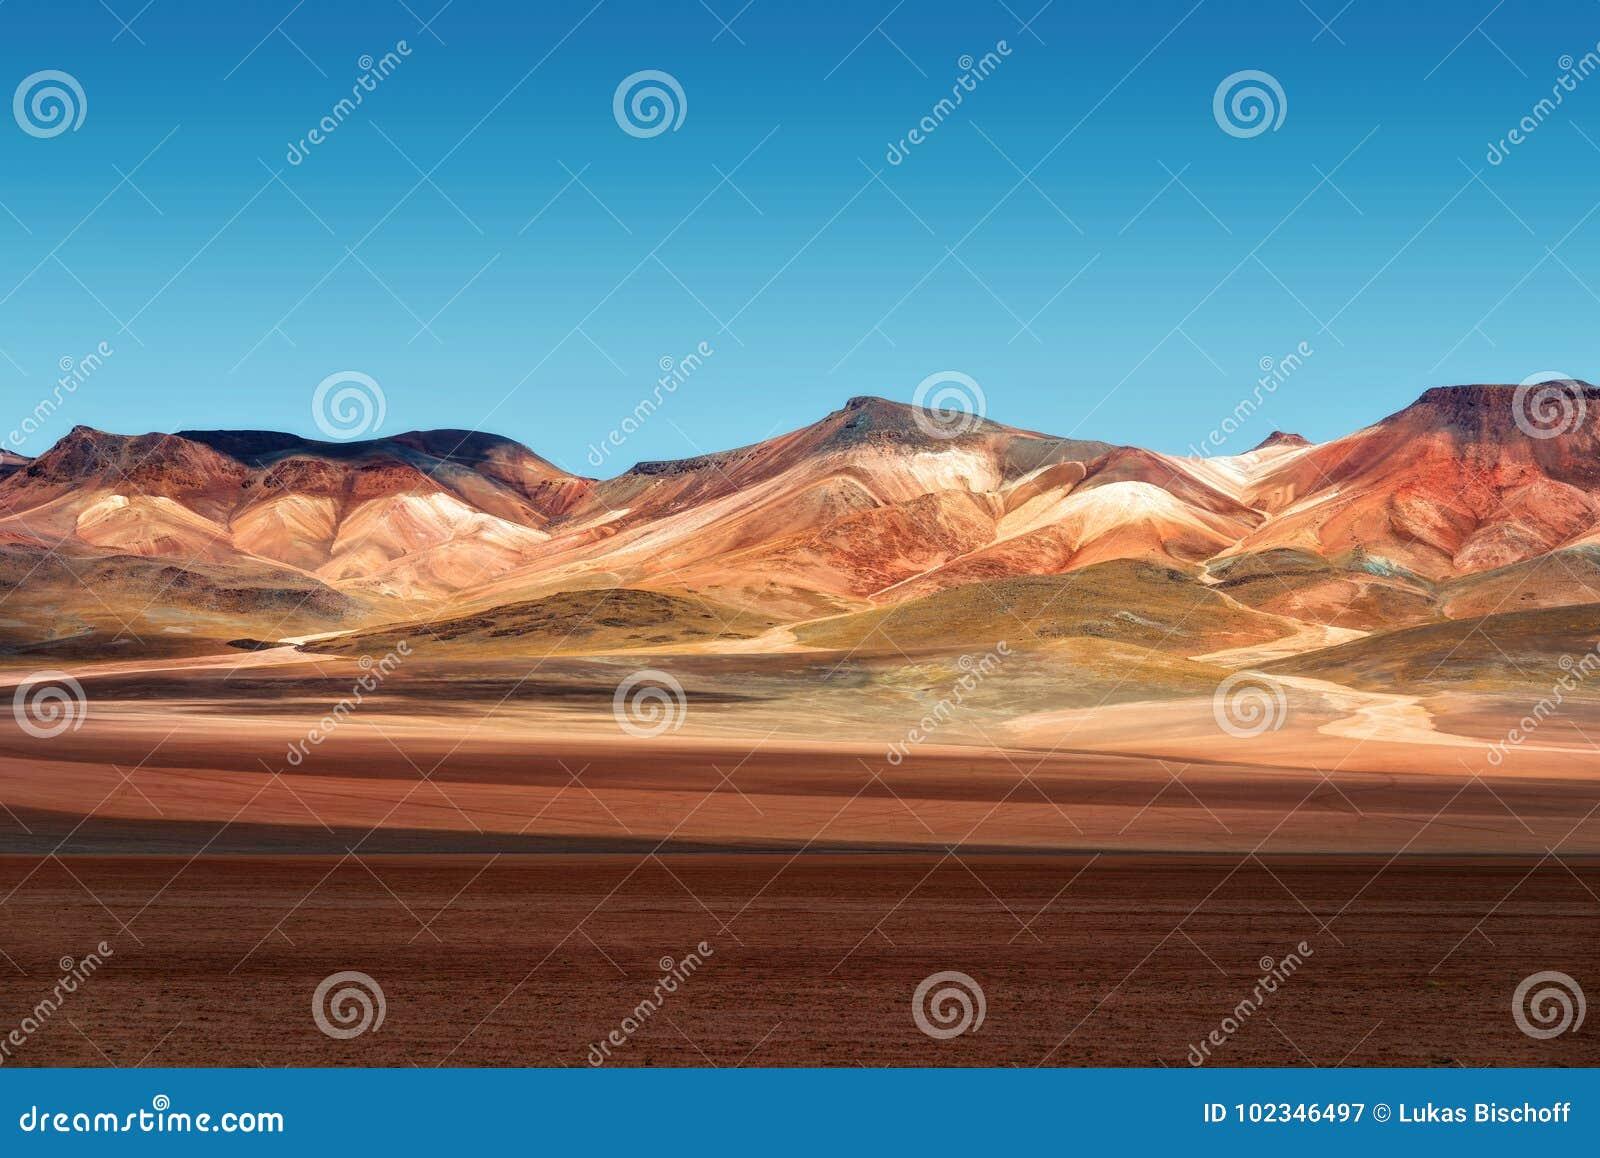 Deserto de Atacama Bolívia